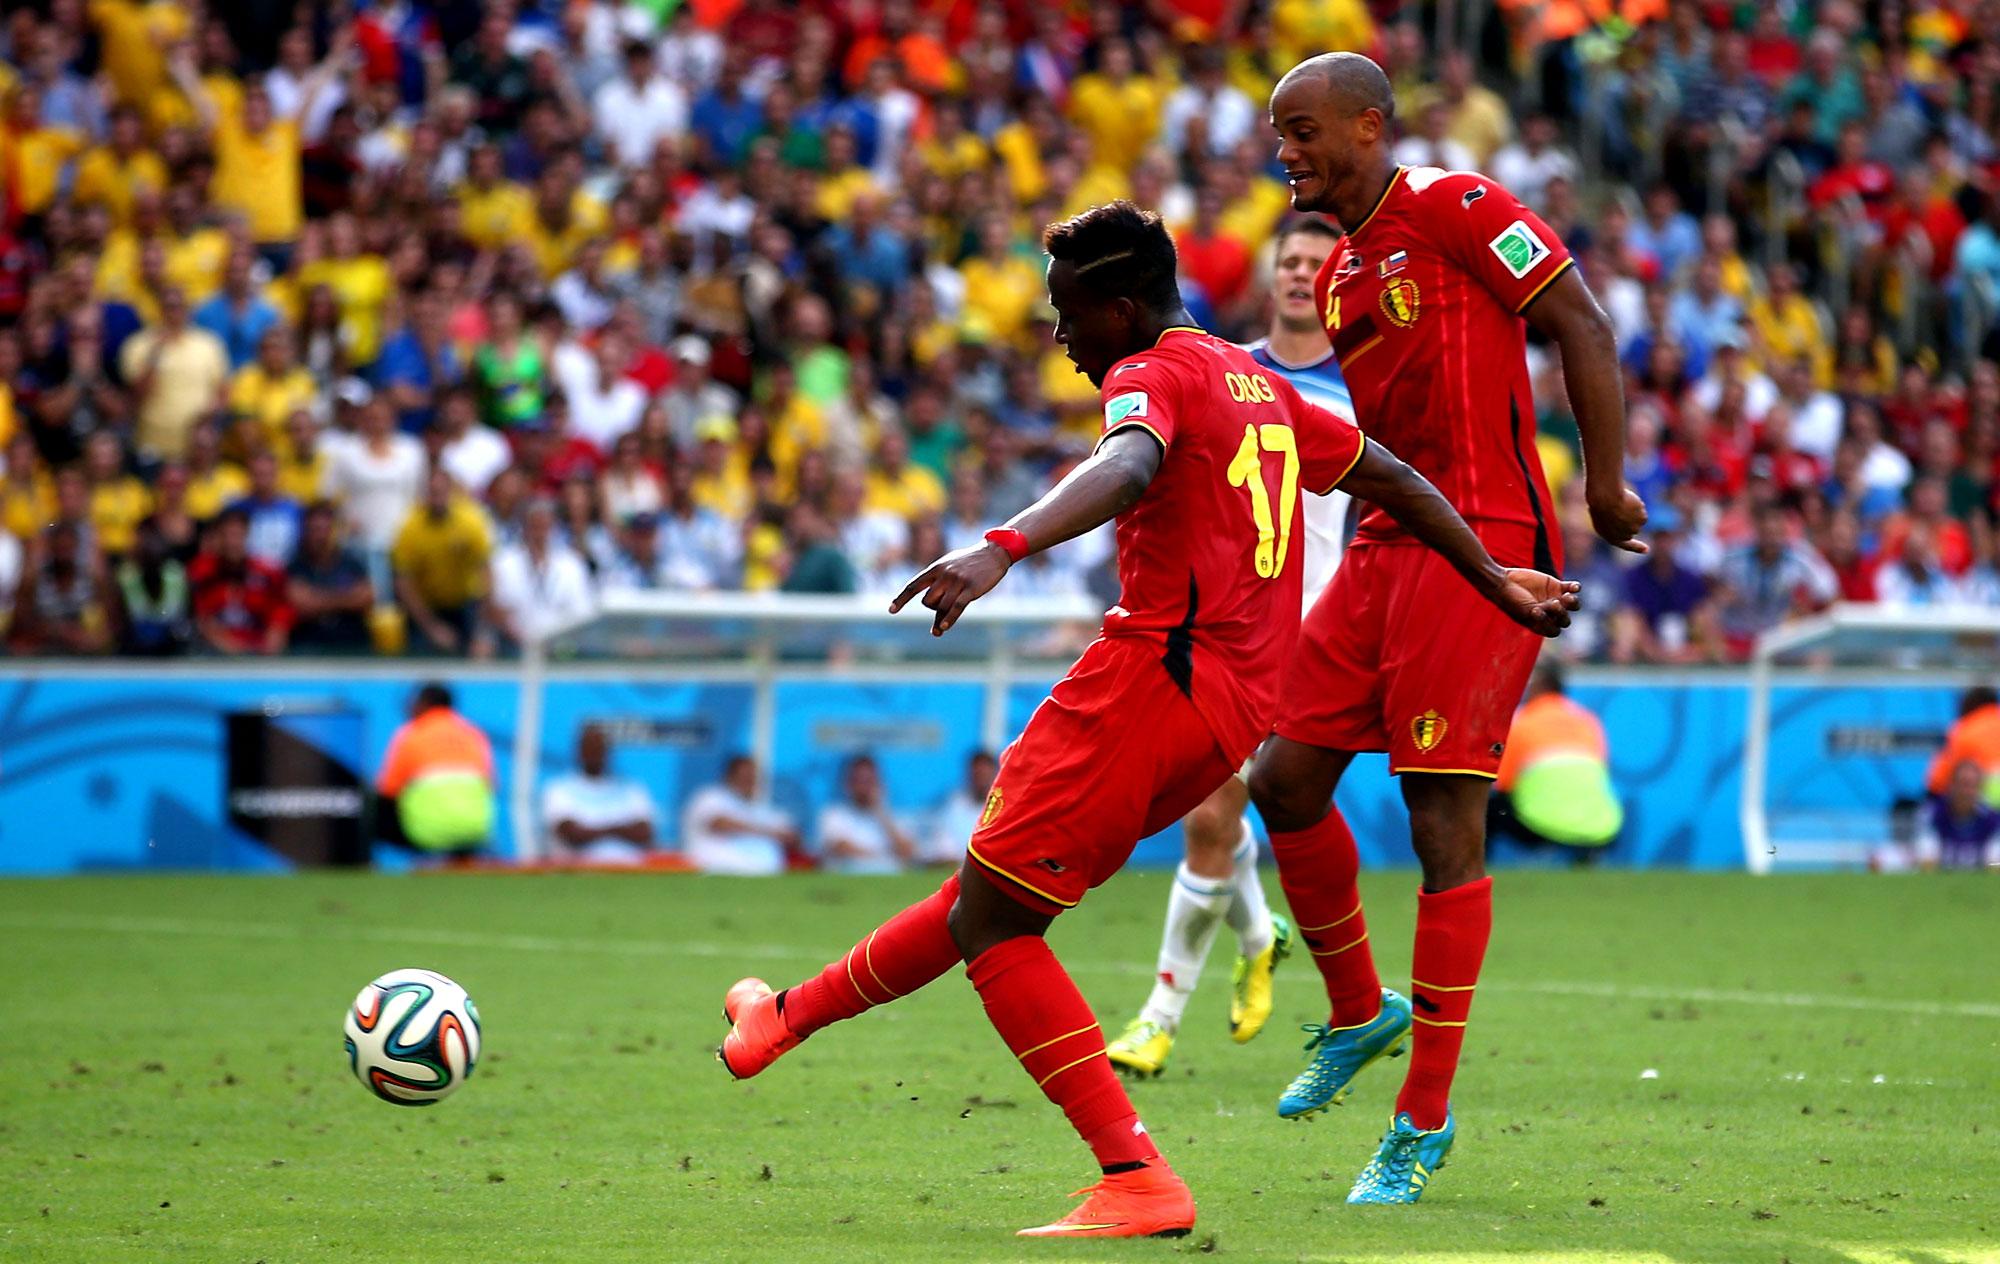 Футбол прямая трансляция россия бельгия смотреть онлайн 18 фотография